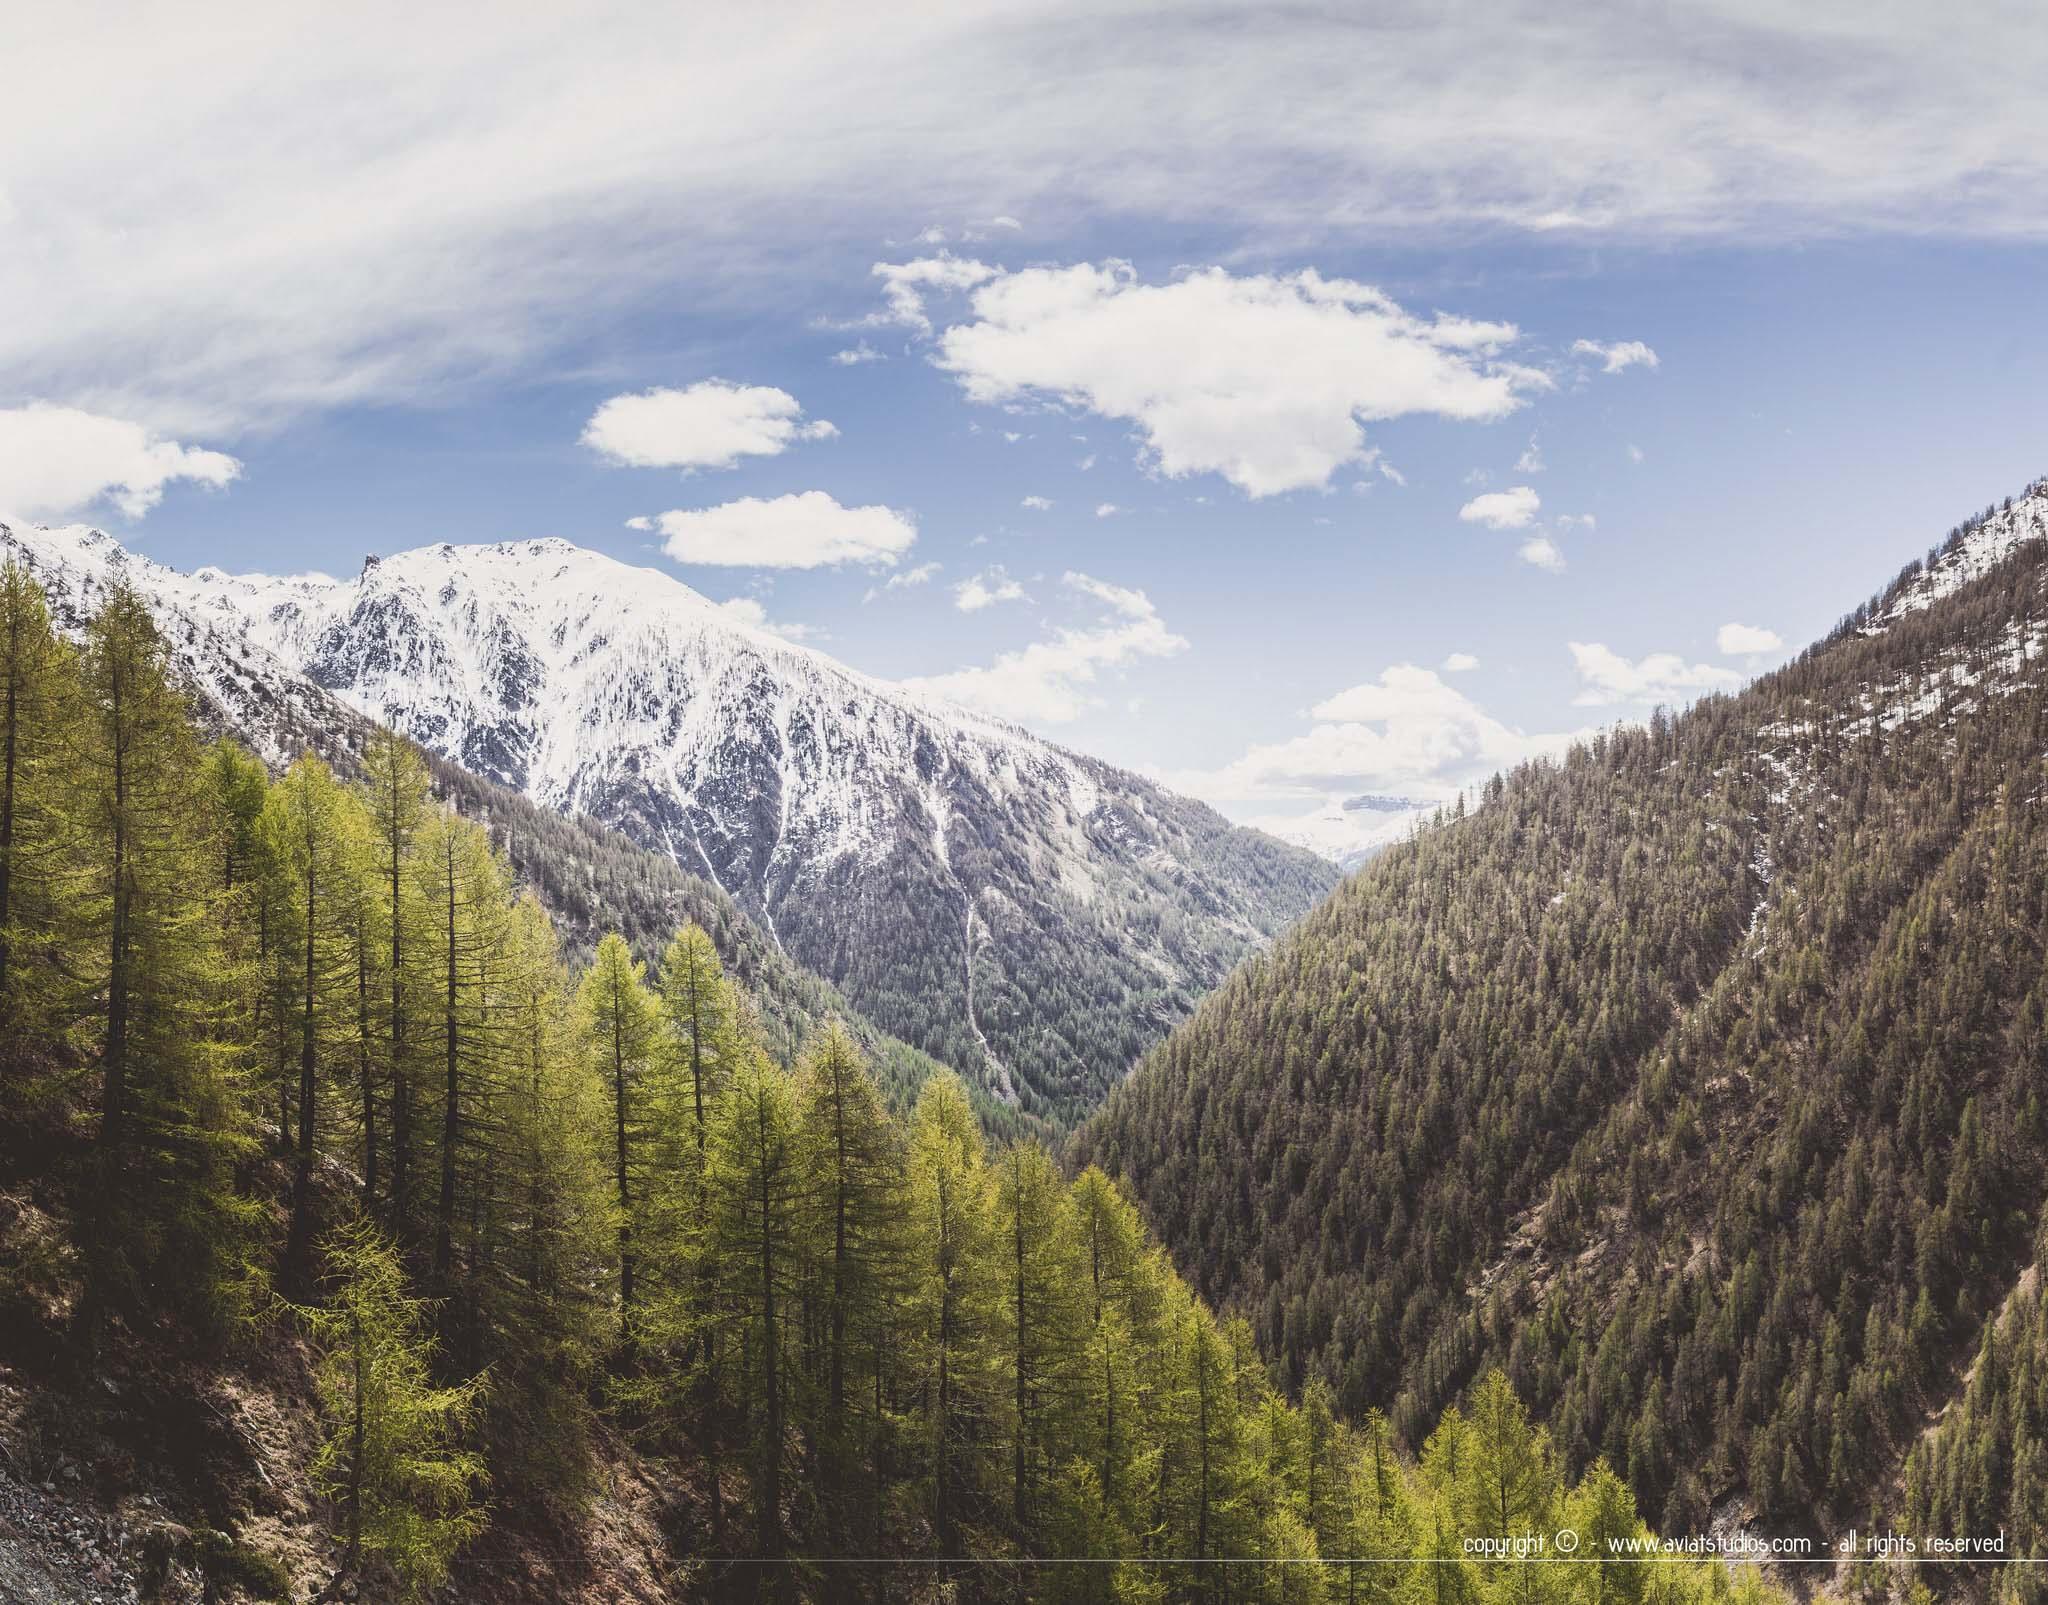 Vallée de la Tinée avec trois montagnes l'une devant l'autre sous un ciel nuageux